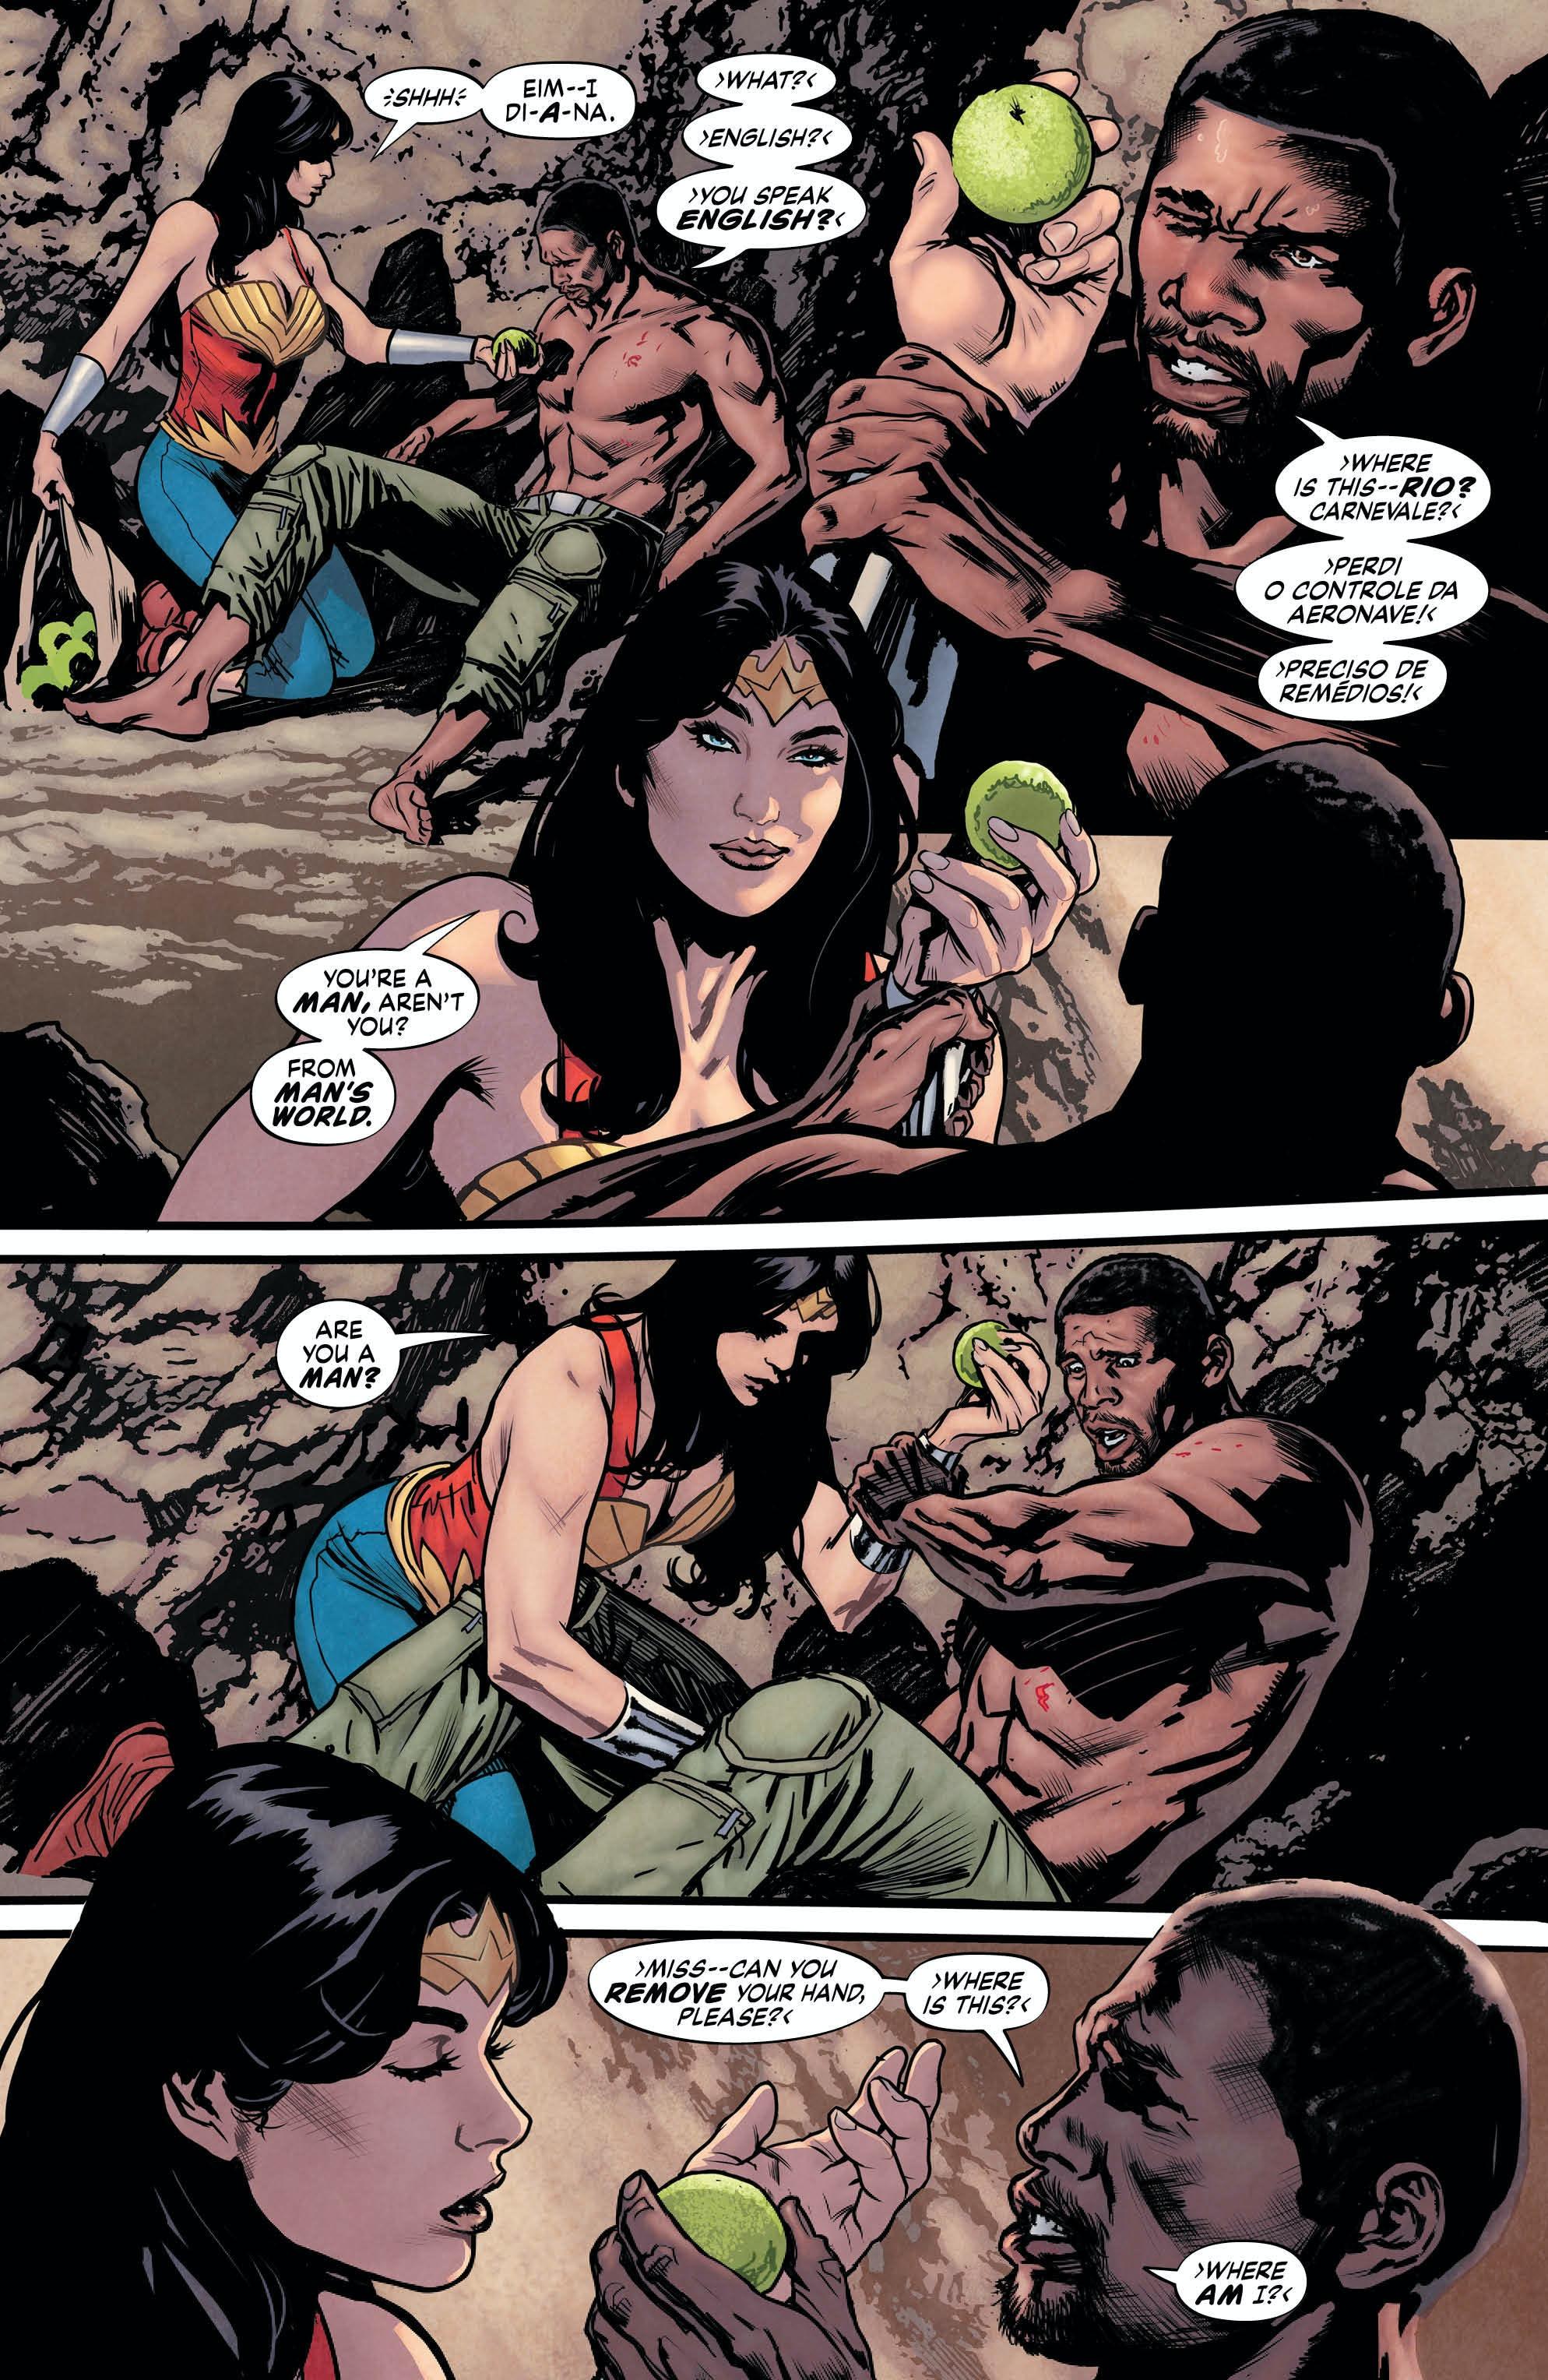 Wonder woman sex comix